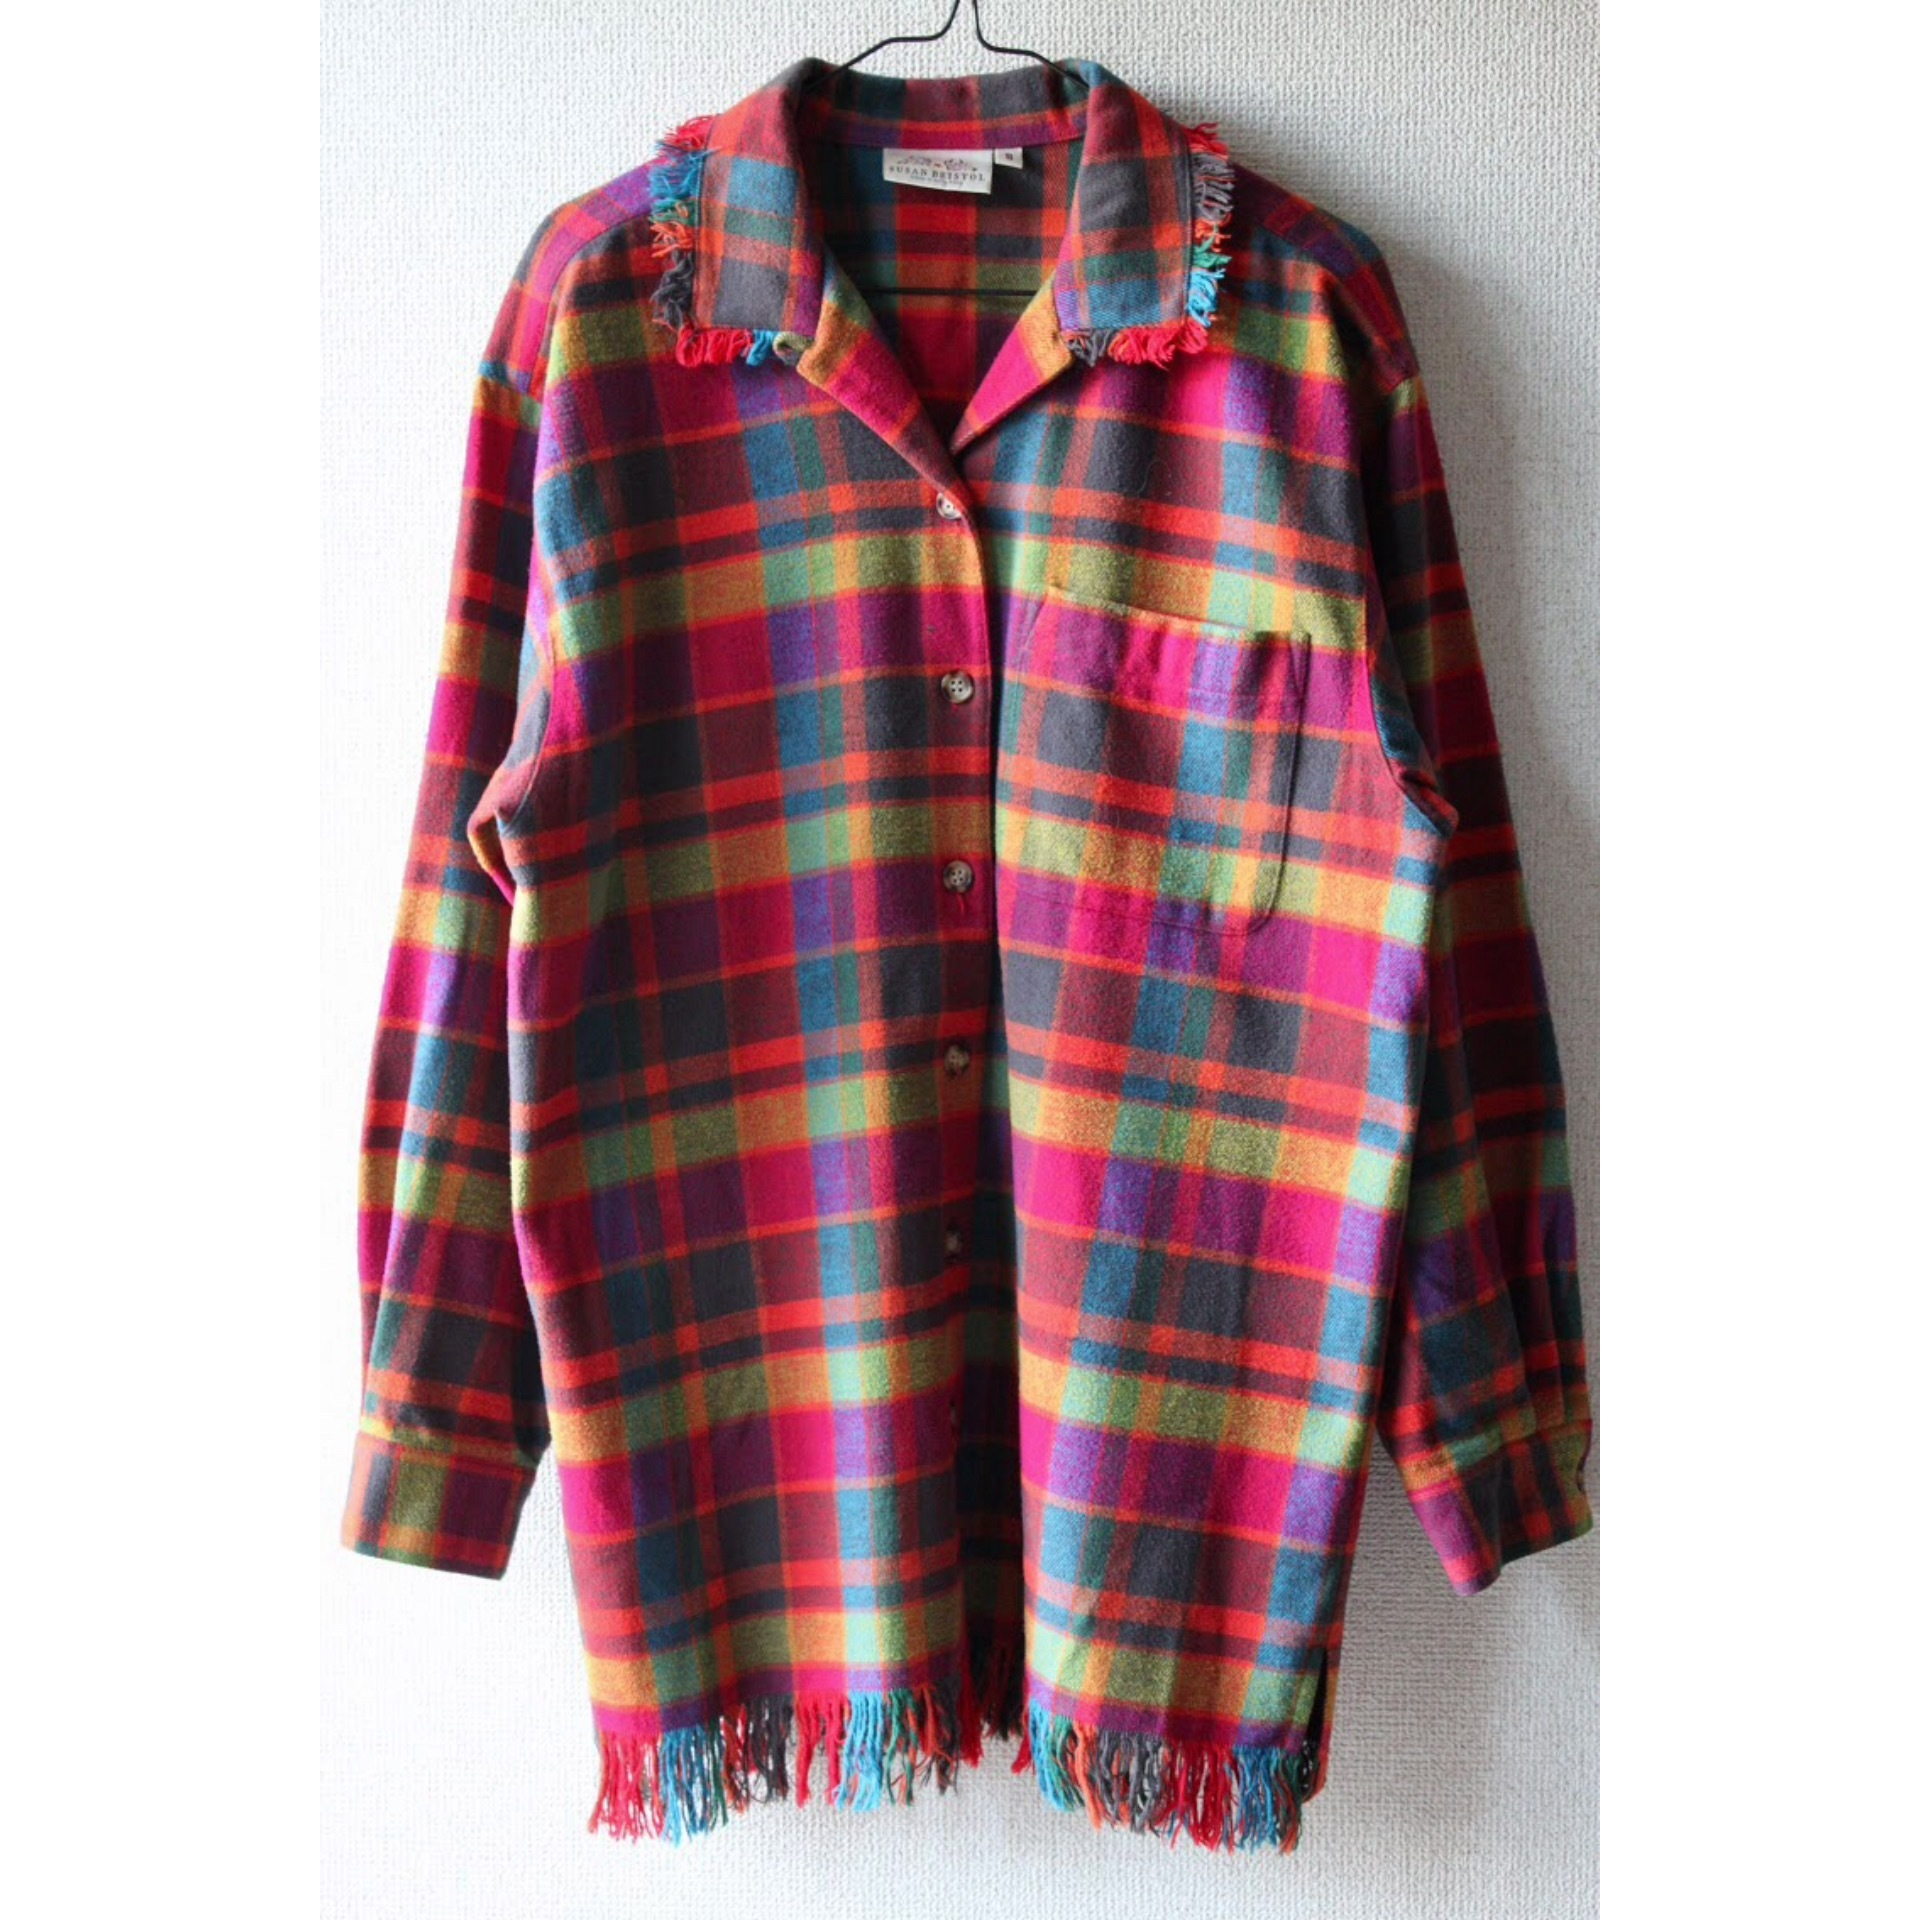 Vintage fringe check shirt